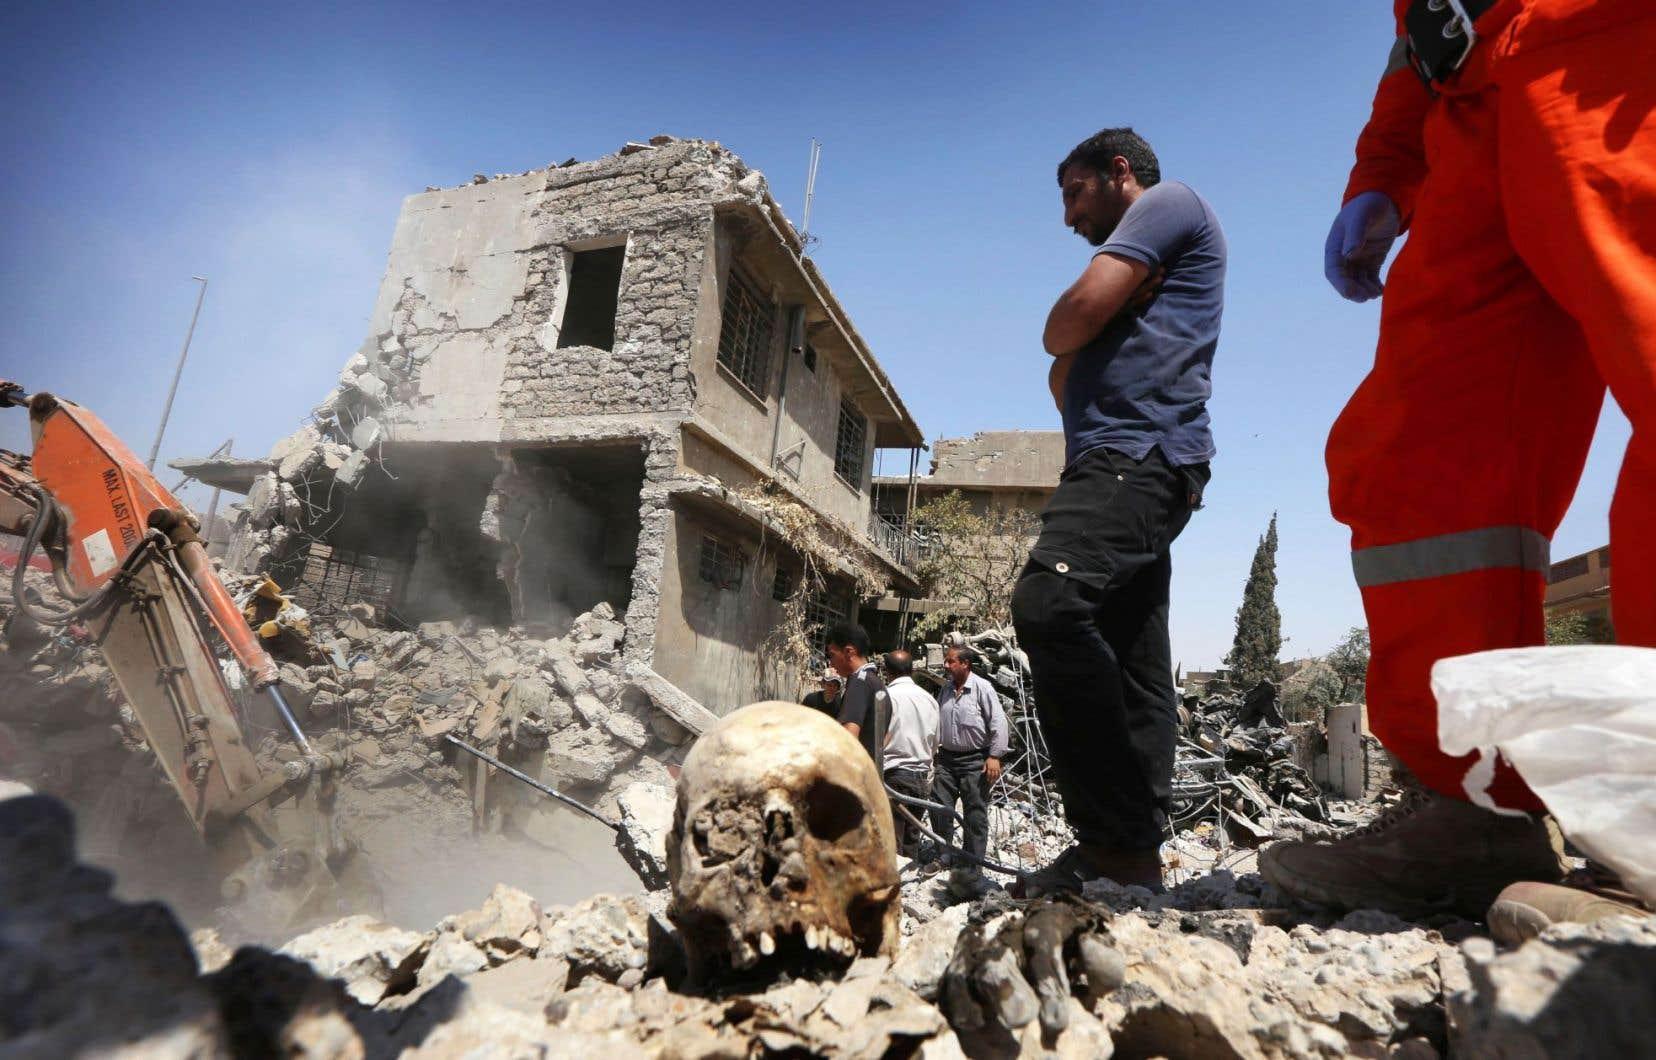 Les services de recherche fouillent les décombres de Mossoul à l'aide d'une pelle mécanique pour retrouver les corps des disparus.